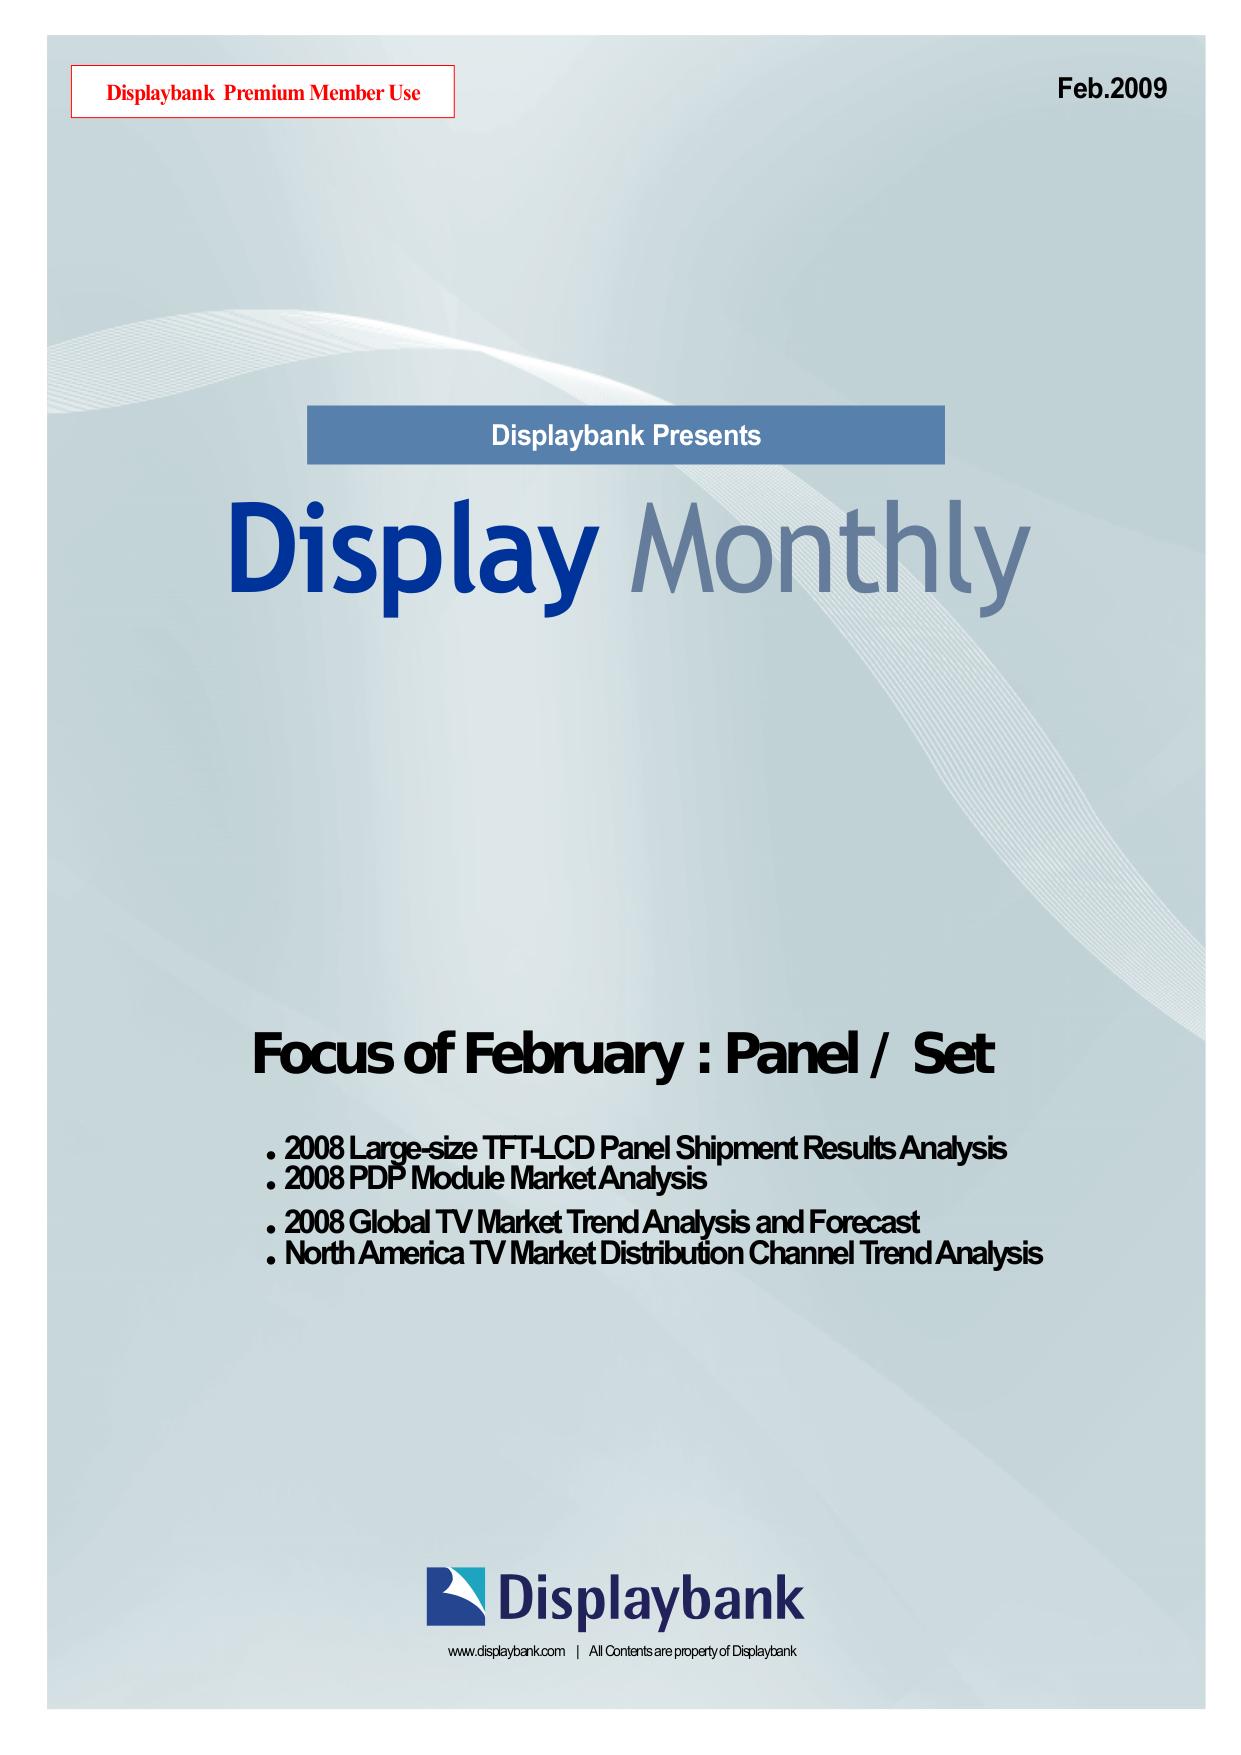 download free pdf for samsung ln37a450 tv manual rh umlib com Verizon Samsung Flip Phone Manual Samsung TV Repair Manual